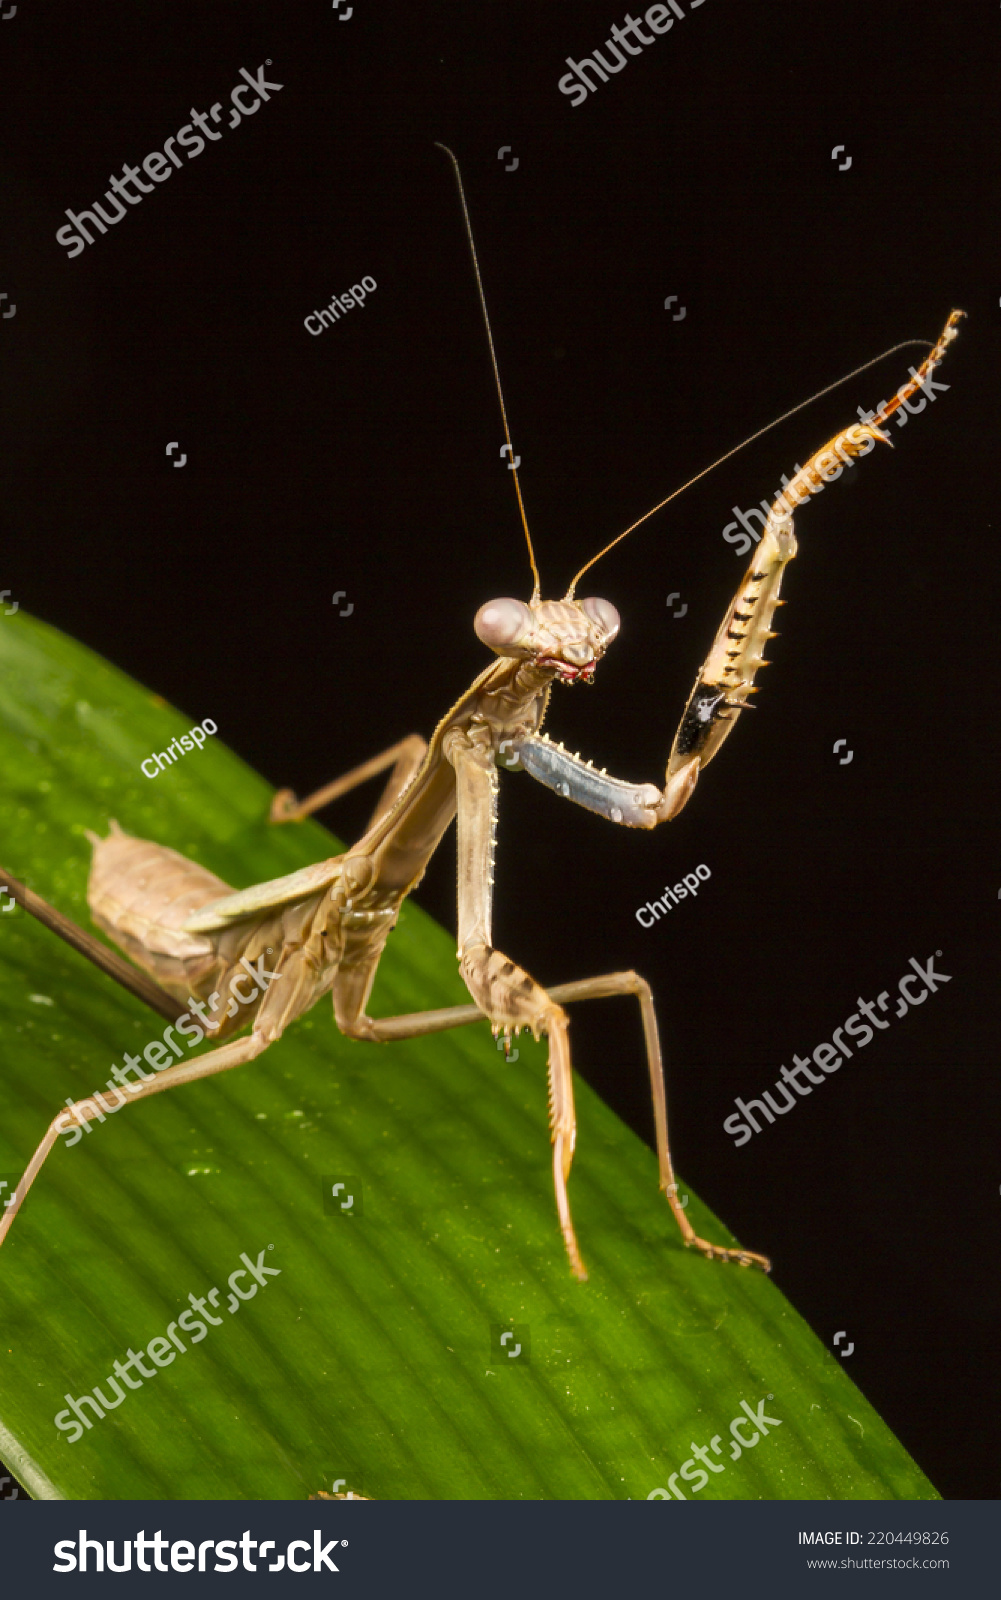 动物名片螳螂图片